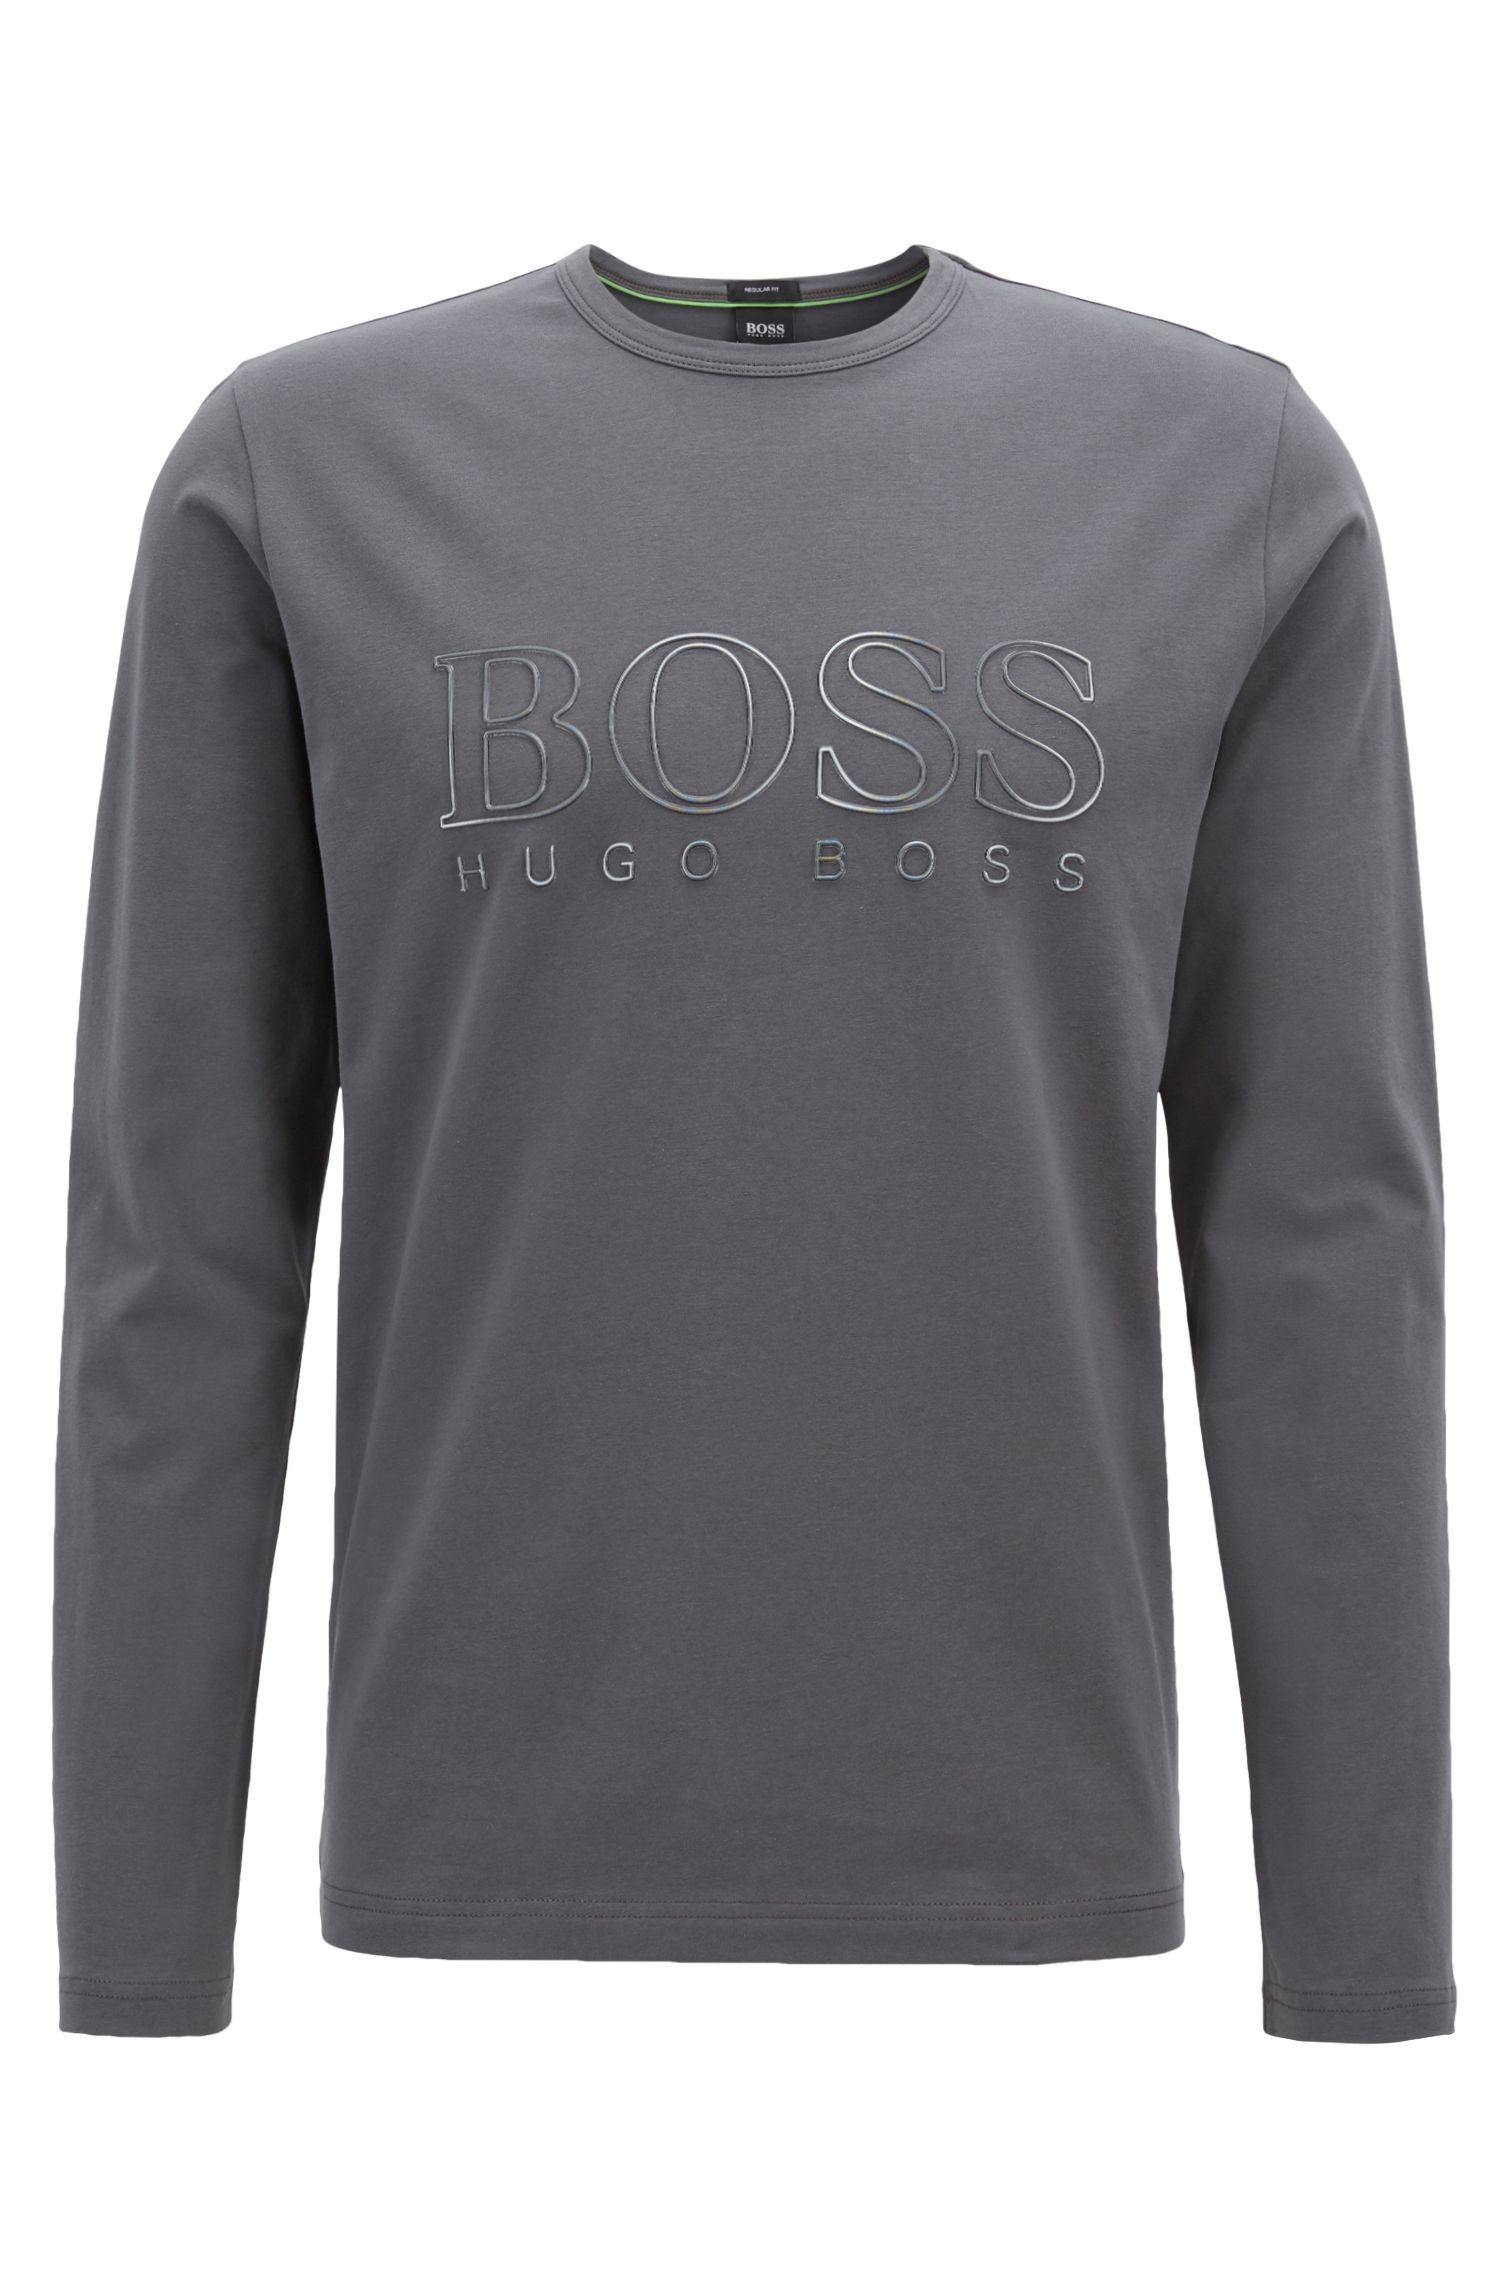 T-shirt à manches longues en coton stretch avec logo réfléchissant, Anthracite